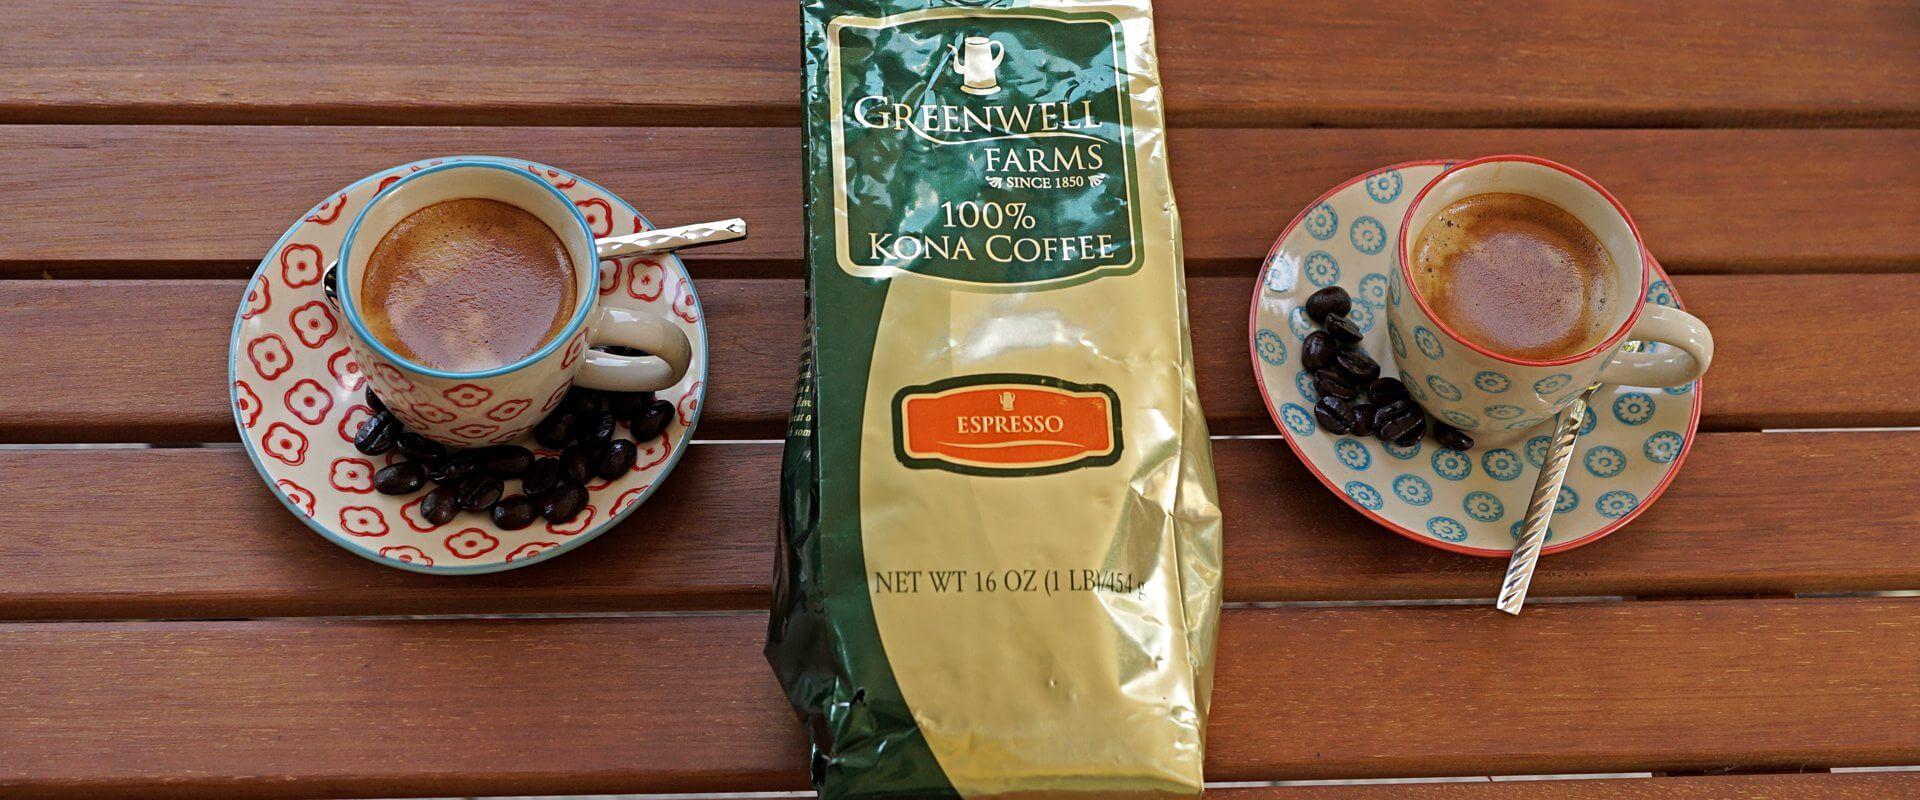 Kennst du Kona Coffee, den vielleicht besten Kaffee der Welt?